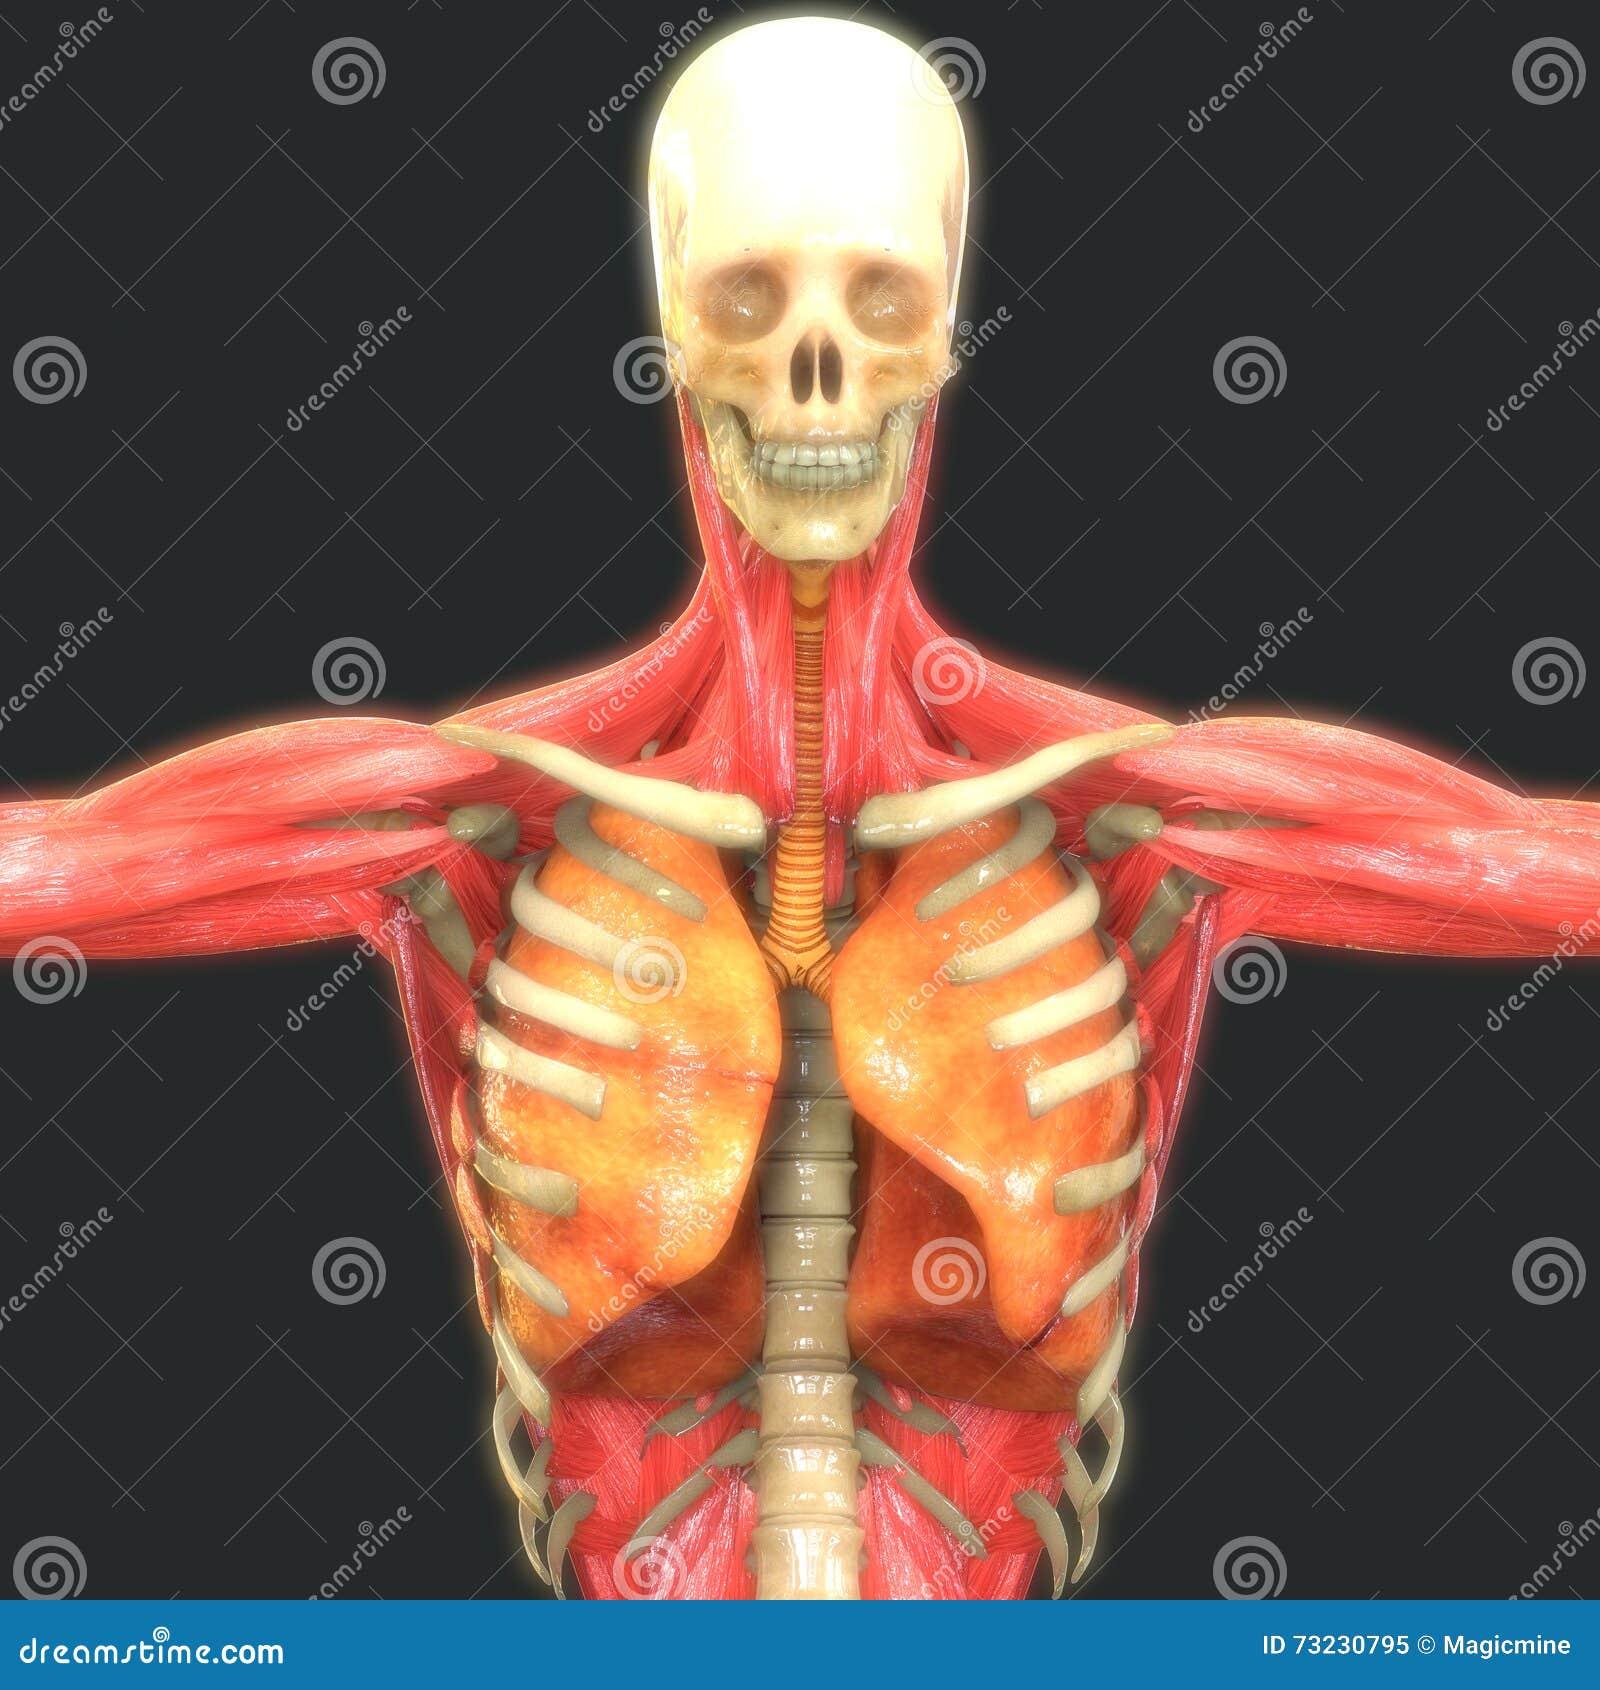 dissertation inviolabilit corps humain Atteinte au corps humain dissertation atteinte au corps humain et consentement de l'intéressé le corps et la vie sont 2 composants l inviolabilit du domicile.